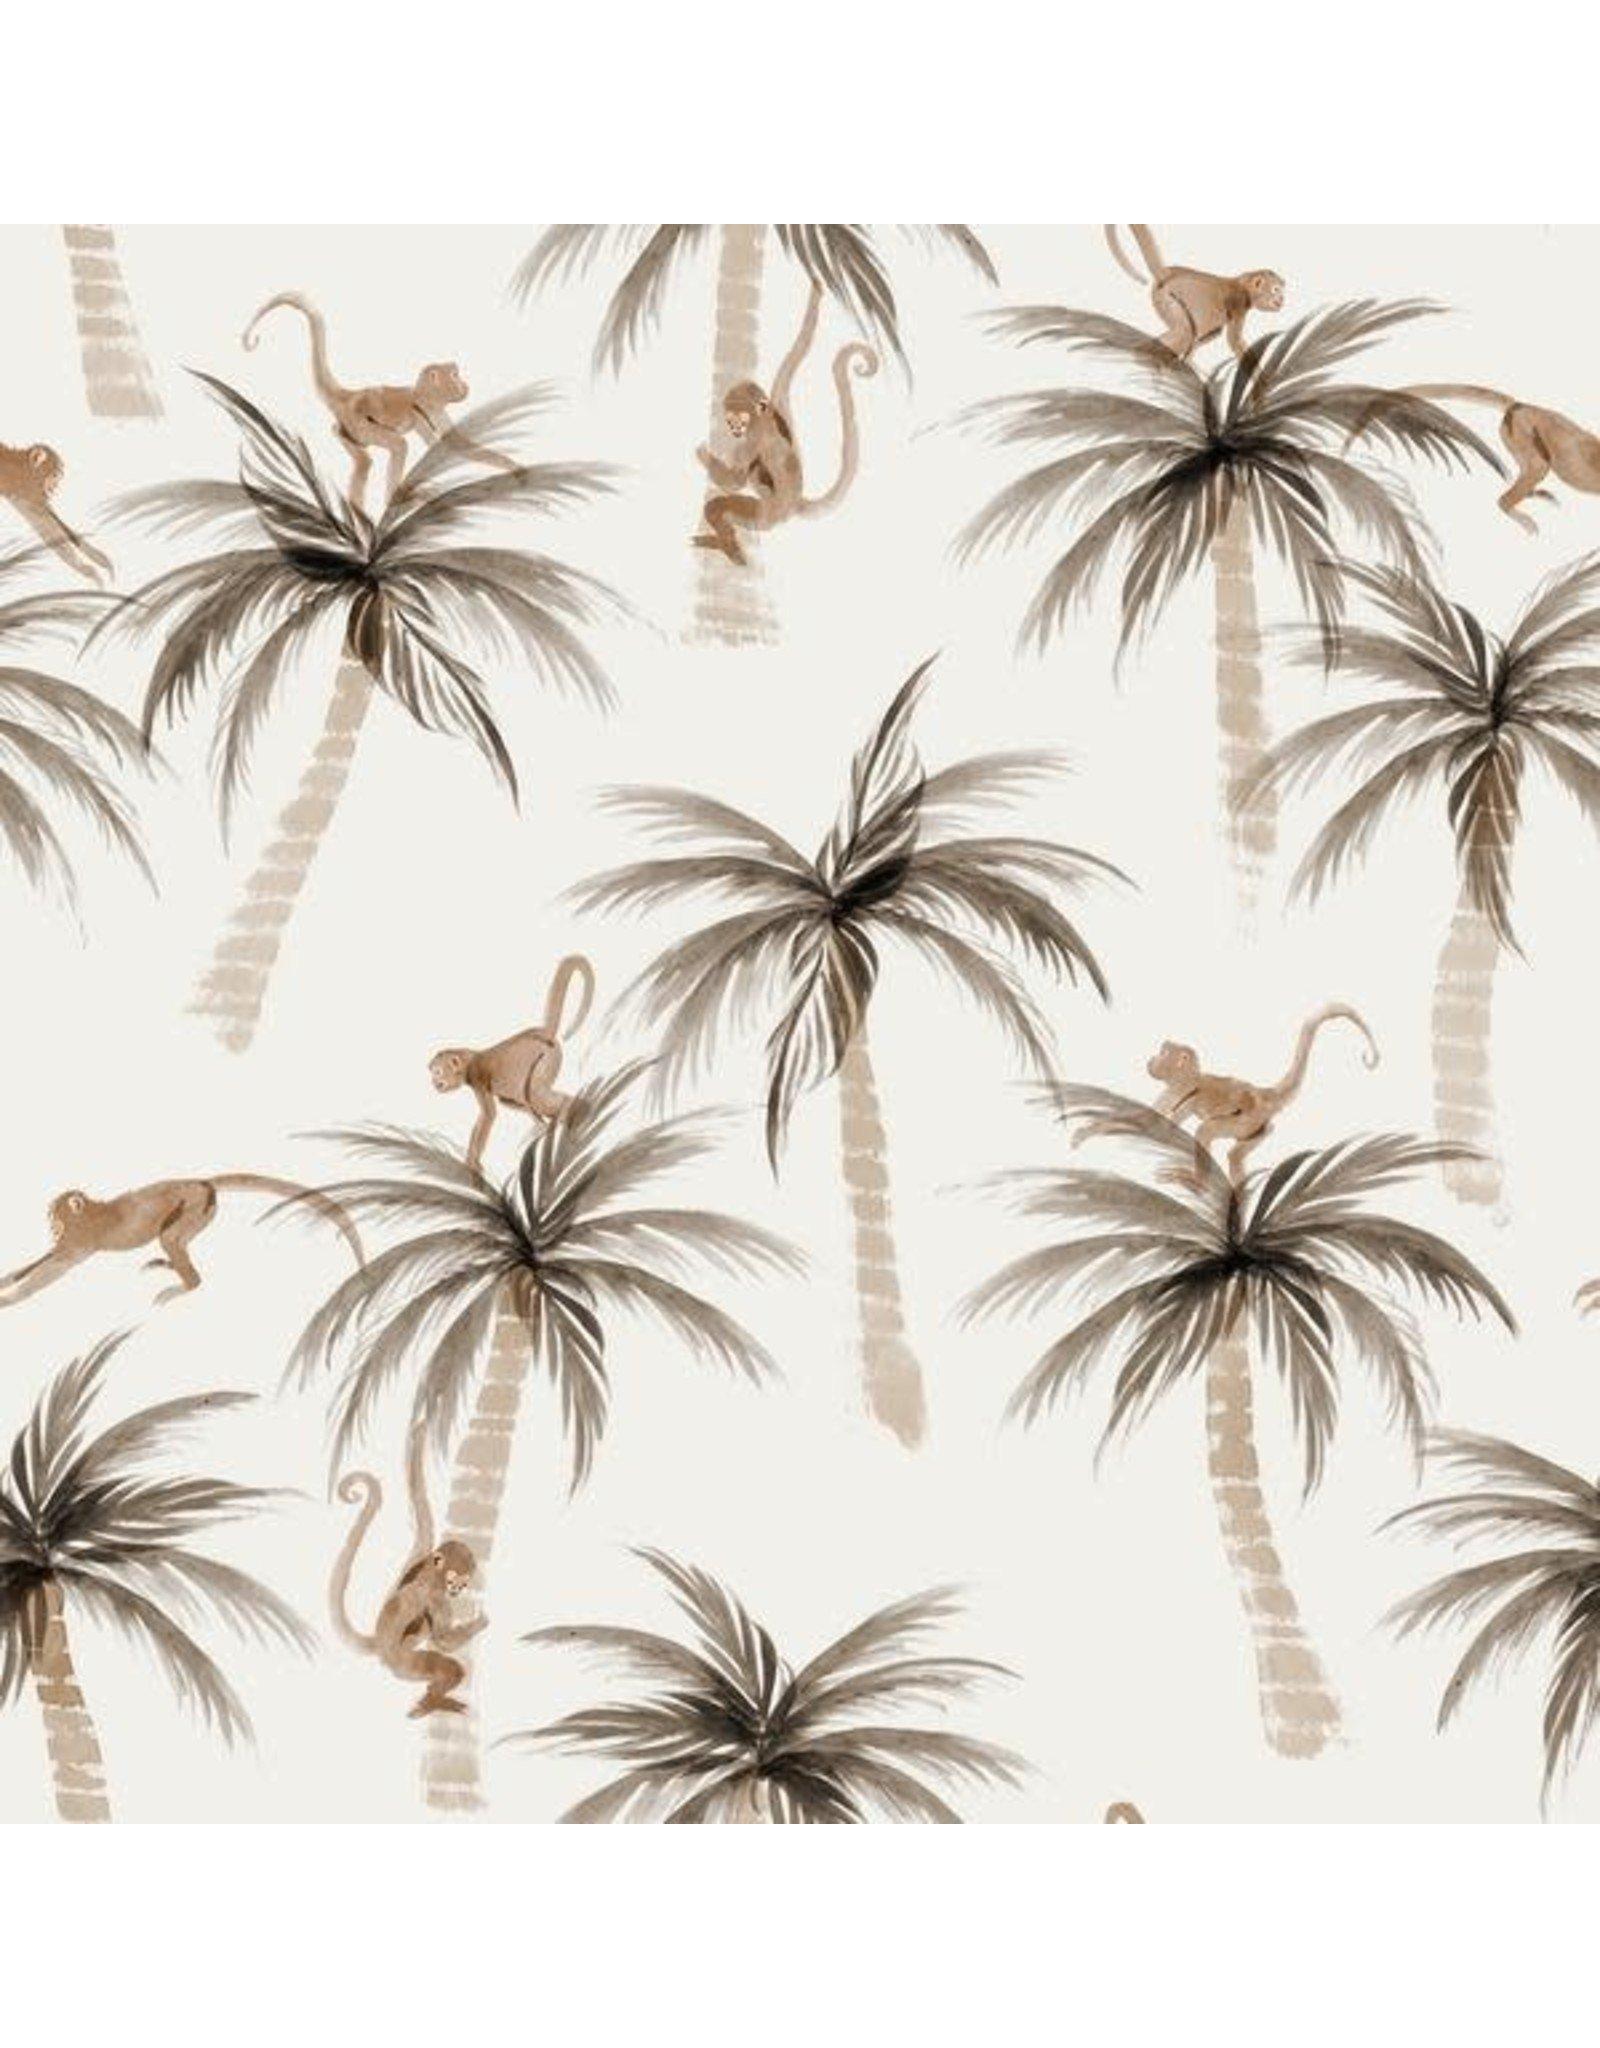 Family fabrics Pams & monkeys